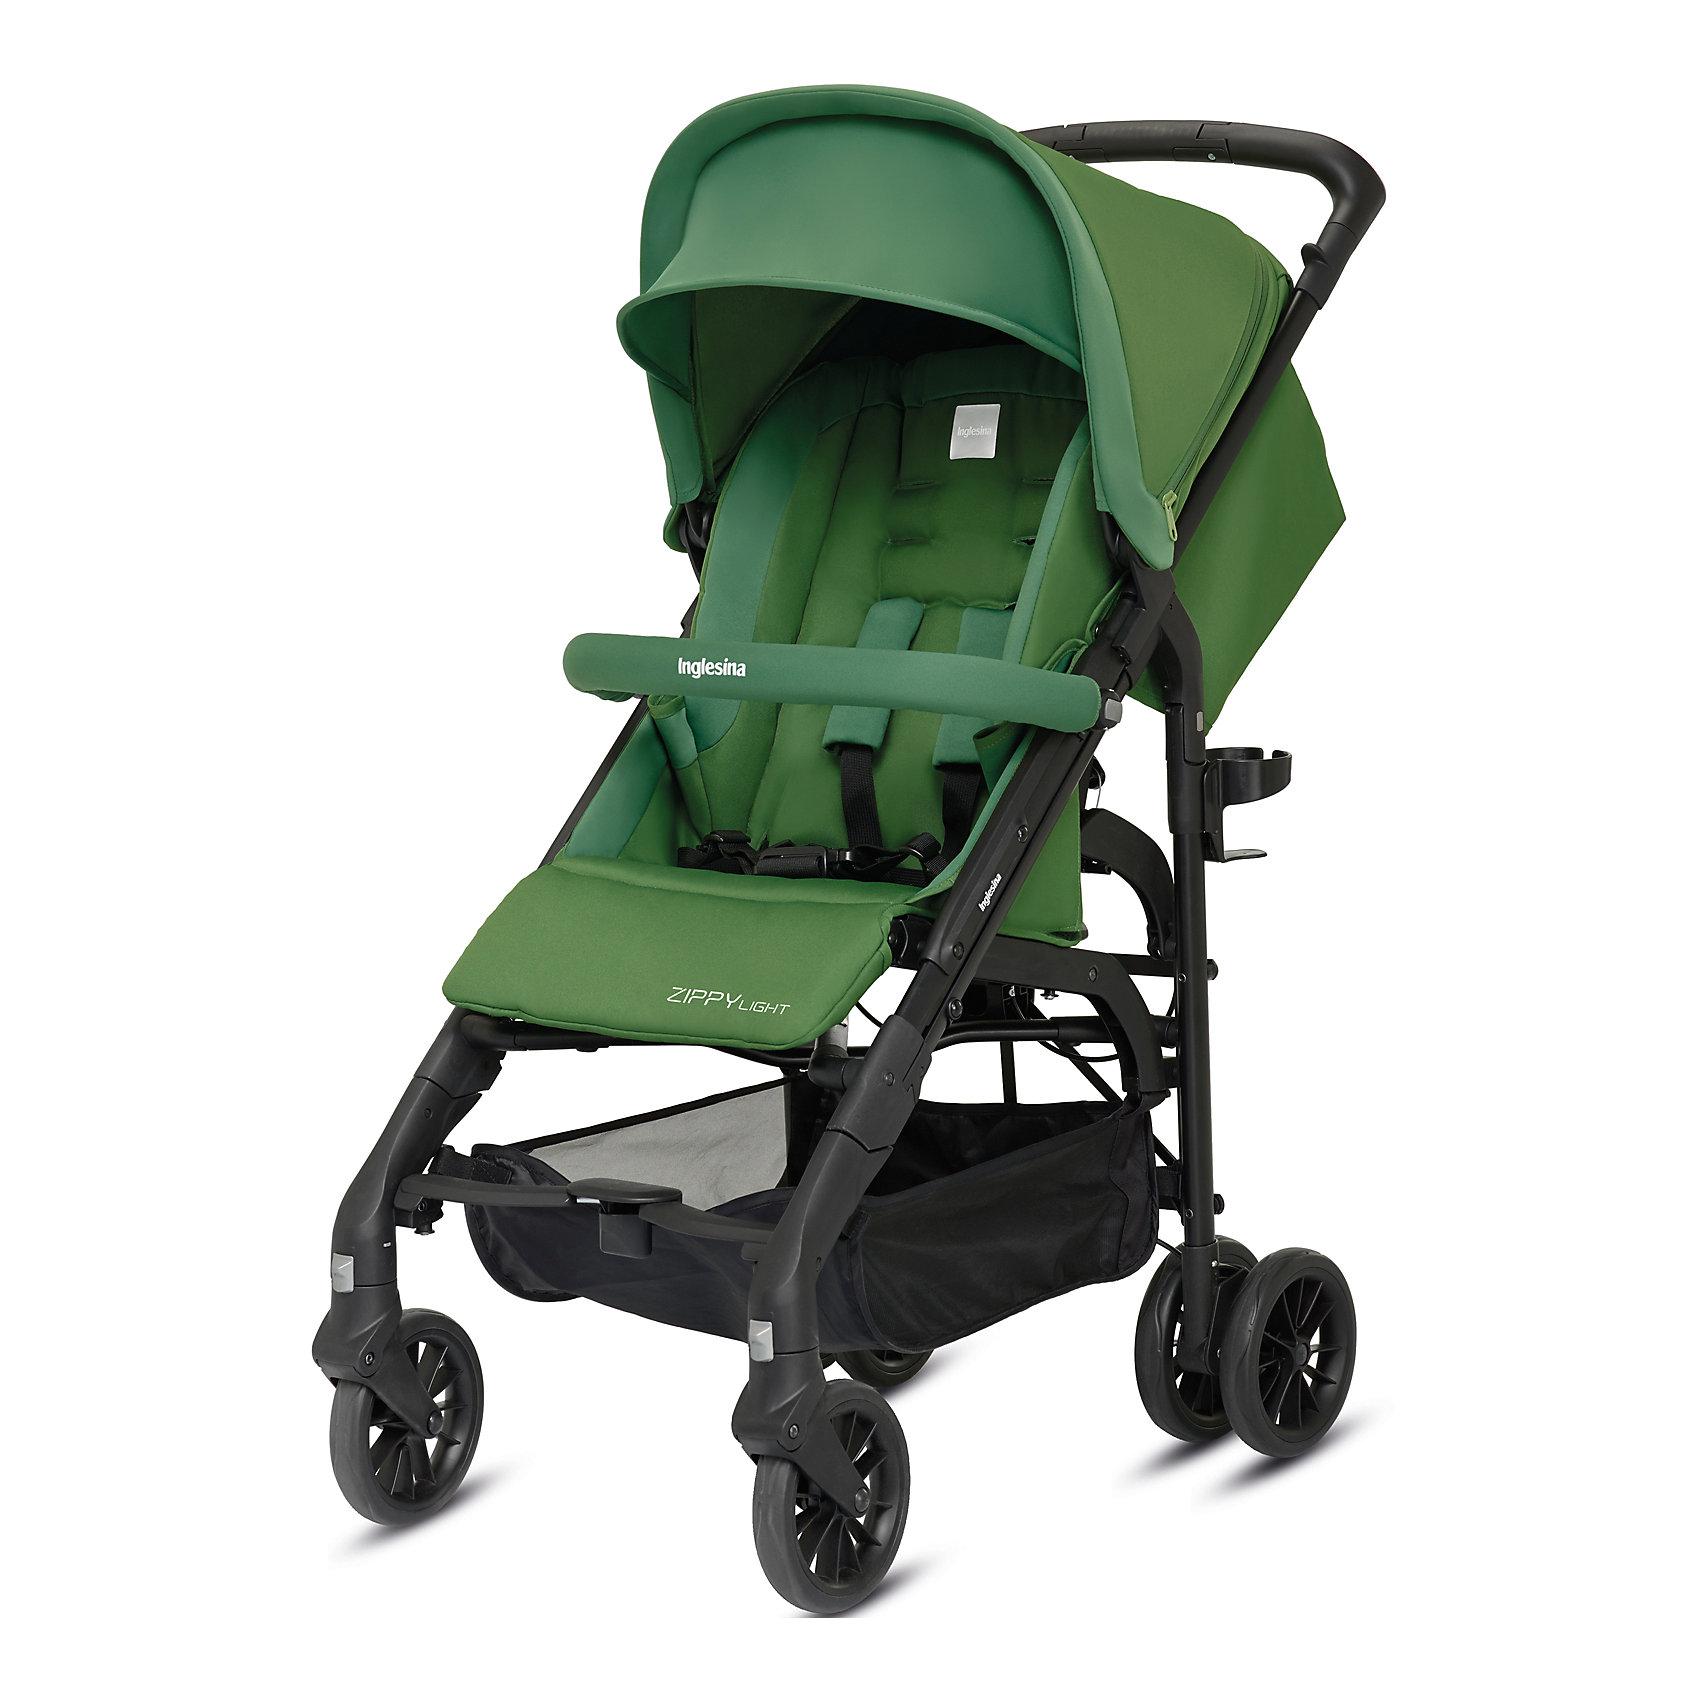 Прогулочная коляска Inglesina Zippy Light, Golf GreenПрогулочные коляски<br>Прогулочная коляска Zippy Light - легкая, компактная и маневренная модель - идеальный вариант для прогулок и путешествий. Сдвоенные задние и поворотные передние колеса обладают отличной проходимостью и подойдут для любого грунта. Мягкое удобное сиденье, страховочные ремни, откидной бампер и регулируемые спинка и подножка обеспечат комфортные и безопасные прогулки. Кроме того, модель оснащена широким капюшоном с защитой от солнца UPF 50+ и дышащей сетчатой вставкой для хорошего самочувствия ребенка летом. Коляска быстро и удобно складывается, в сложенном виде занимает очень мало места. <br><br>Дополнительная информация:<br><br>- Материал: пластик, резина, текстиль, алюминий.<br>- Тип складывания: трость. <br>- Размер в разложенном виде: 49x101,5x80 см.<br>- Размер в сложенном виде: 31x96x32 см.<br>- Ширина шасси: 49 см.<br>- Вес: 6,9 кг.<br>- Количество колес: 6 (задние сдвоенные)<br>- Диаметр колес: 16 см.<br>- Максимальный вес ребенка: 17 кг.<br>- Передние колеса поворотные с возможностью фиксации. <br>- Регулируемая спинка (до горизонтального положения ).<br>- Регулируемая подножка (в 2-х положениях).<br>- 5-титочечные ремни безопасности.<br>- Бампер перед ребенком.<br>- Капюшон с сетчатым окошком.<br>- Вместительная корзина для вещей. <br>- Комплектация: подстаканник, дождевик. <br><br>Прогулочную коляску Zippy Light, Inglesina (Инглезина), Golf Green, можно купить в нашем магазине.<br><br>Ширина мм: 1000<br>Глубина мм: 340<br>Высота мм: 270<br>Вес г: 8900<br>Возраст от месяцев: 6<br>Возраст до месяцев: 36<br>Пол: Унисекс<br>Возраст: Детский<br>SKU: 4764289